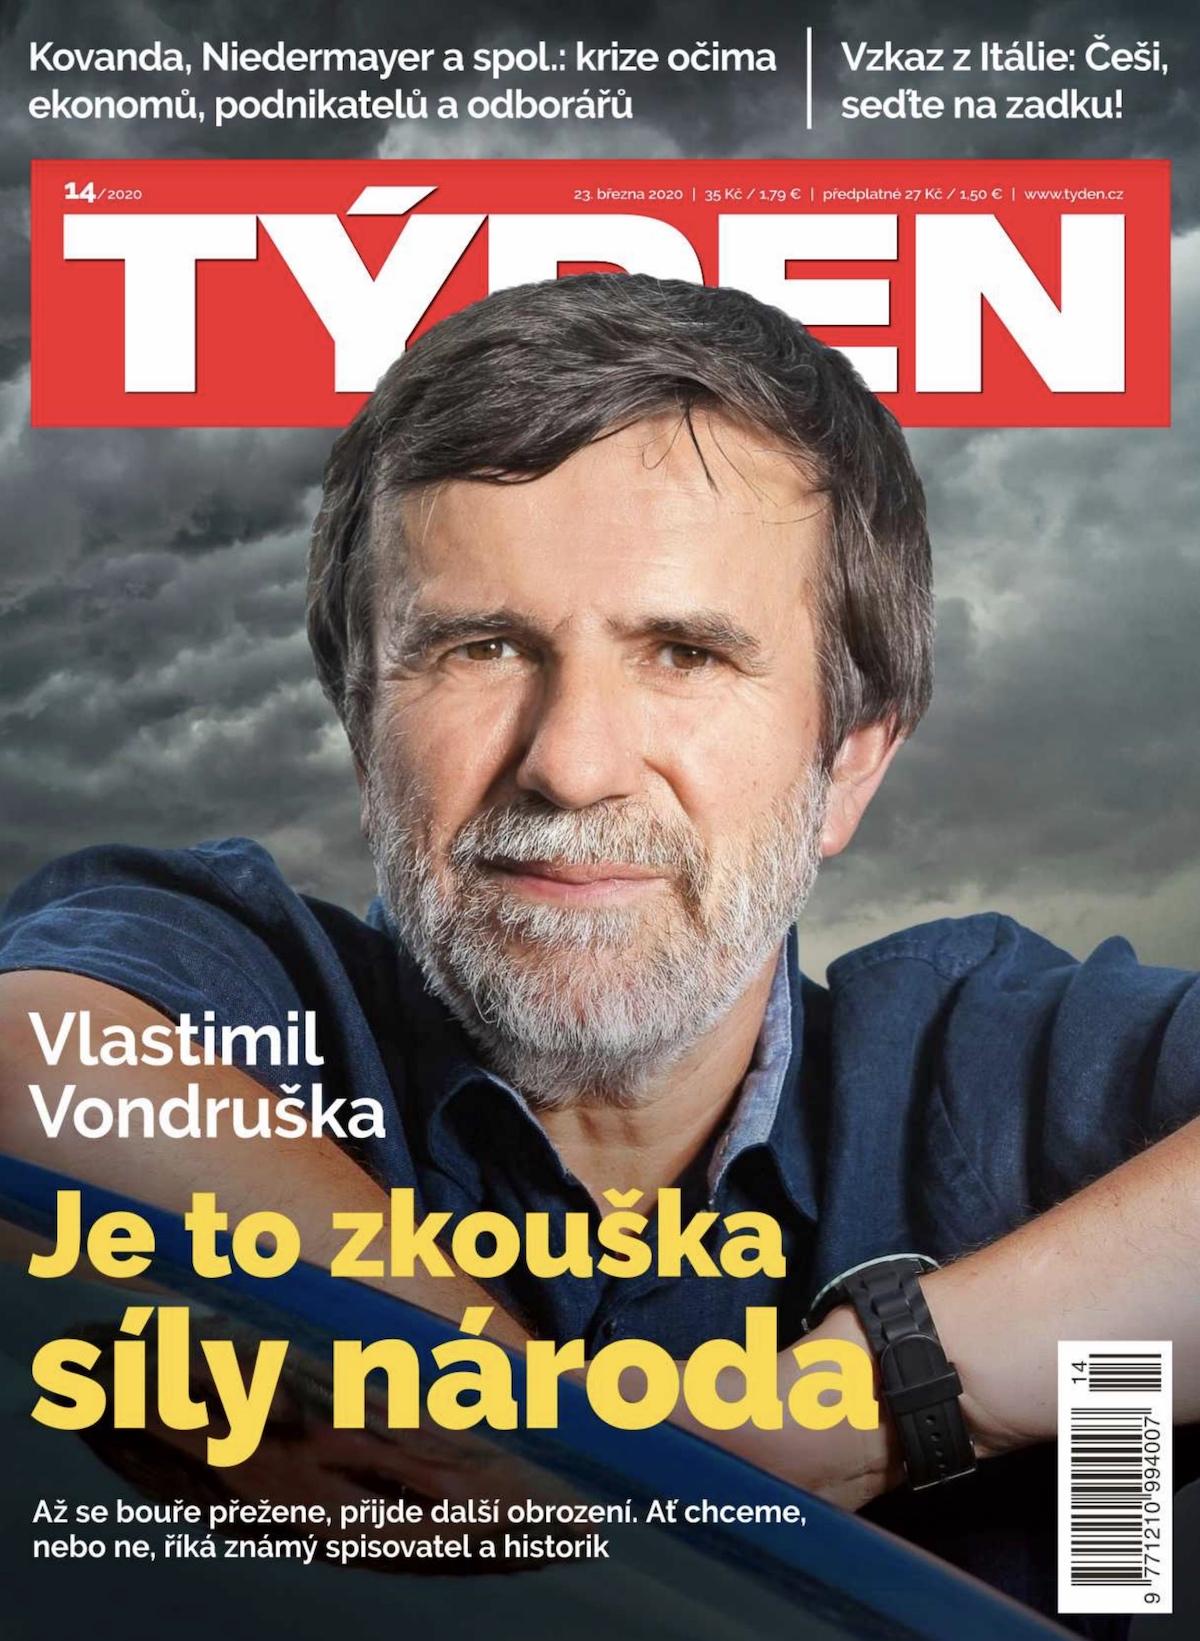 Spisovatel Vladimír Vondruška na titulní straně aktuálního Týdne